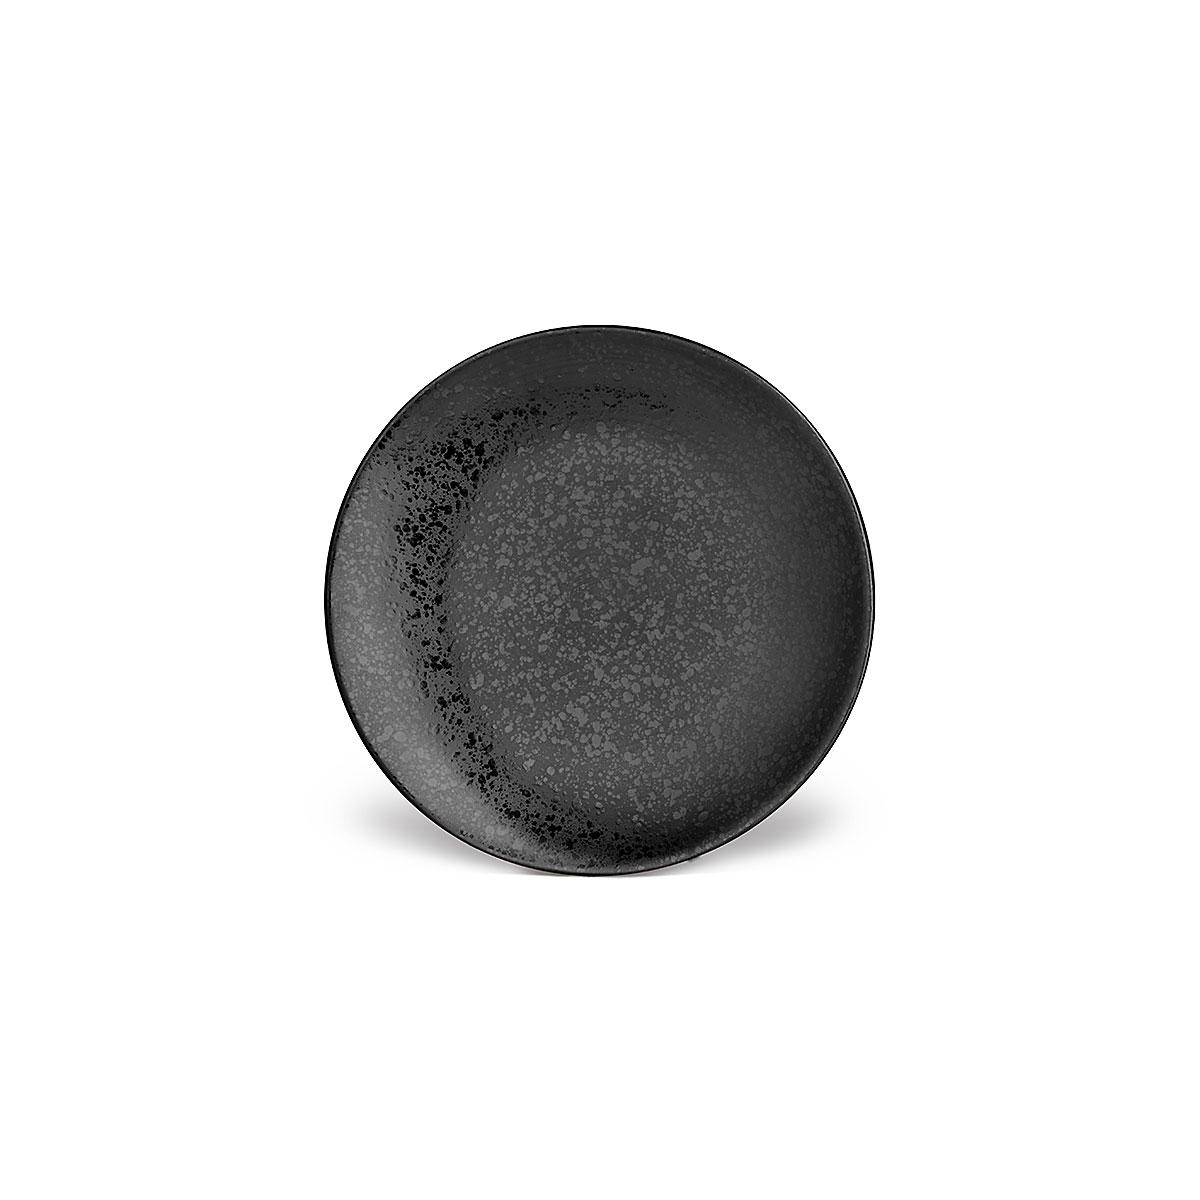 L'Objet I Alchimie Dessert Plate Black